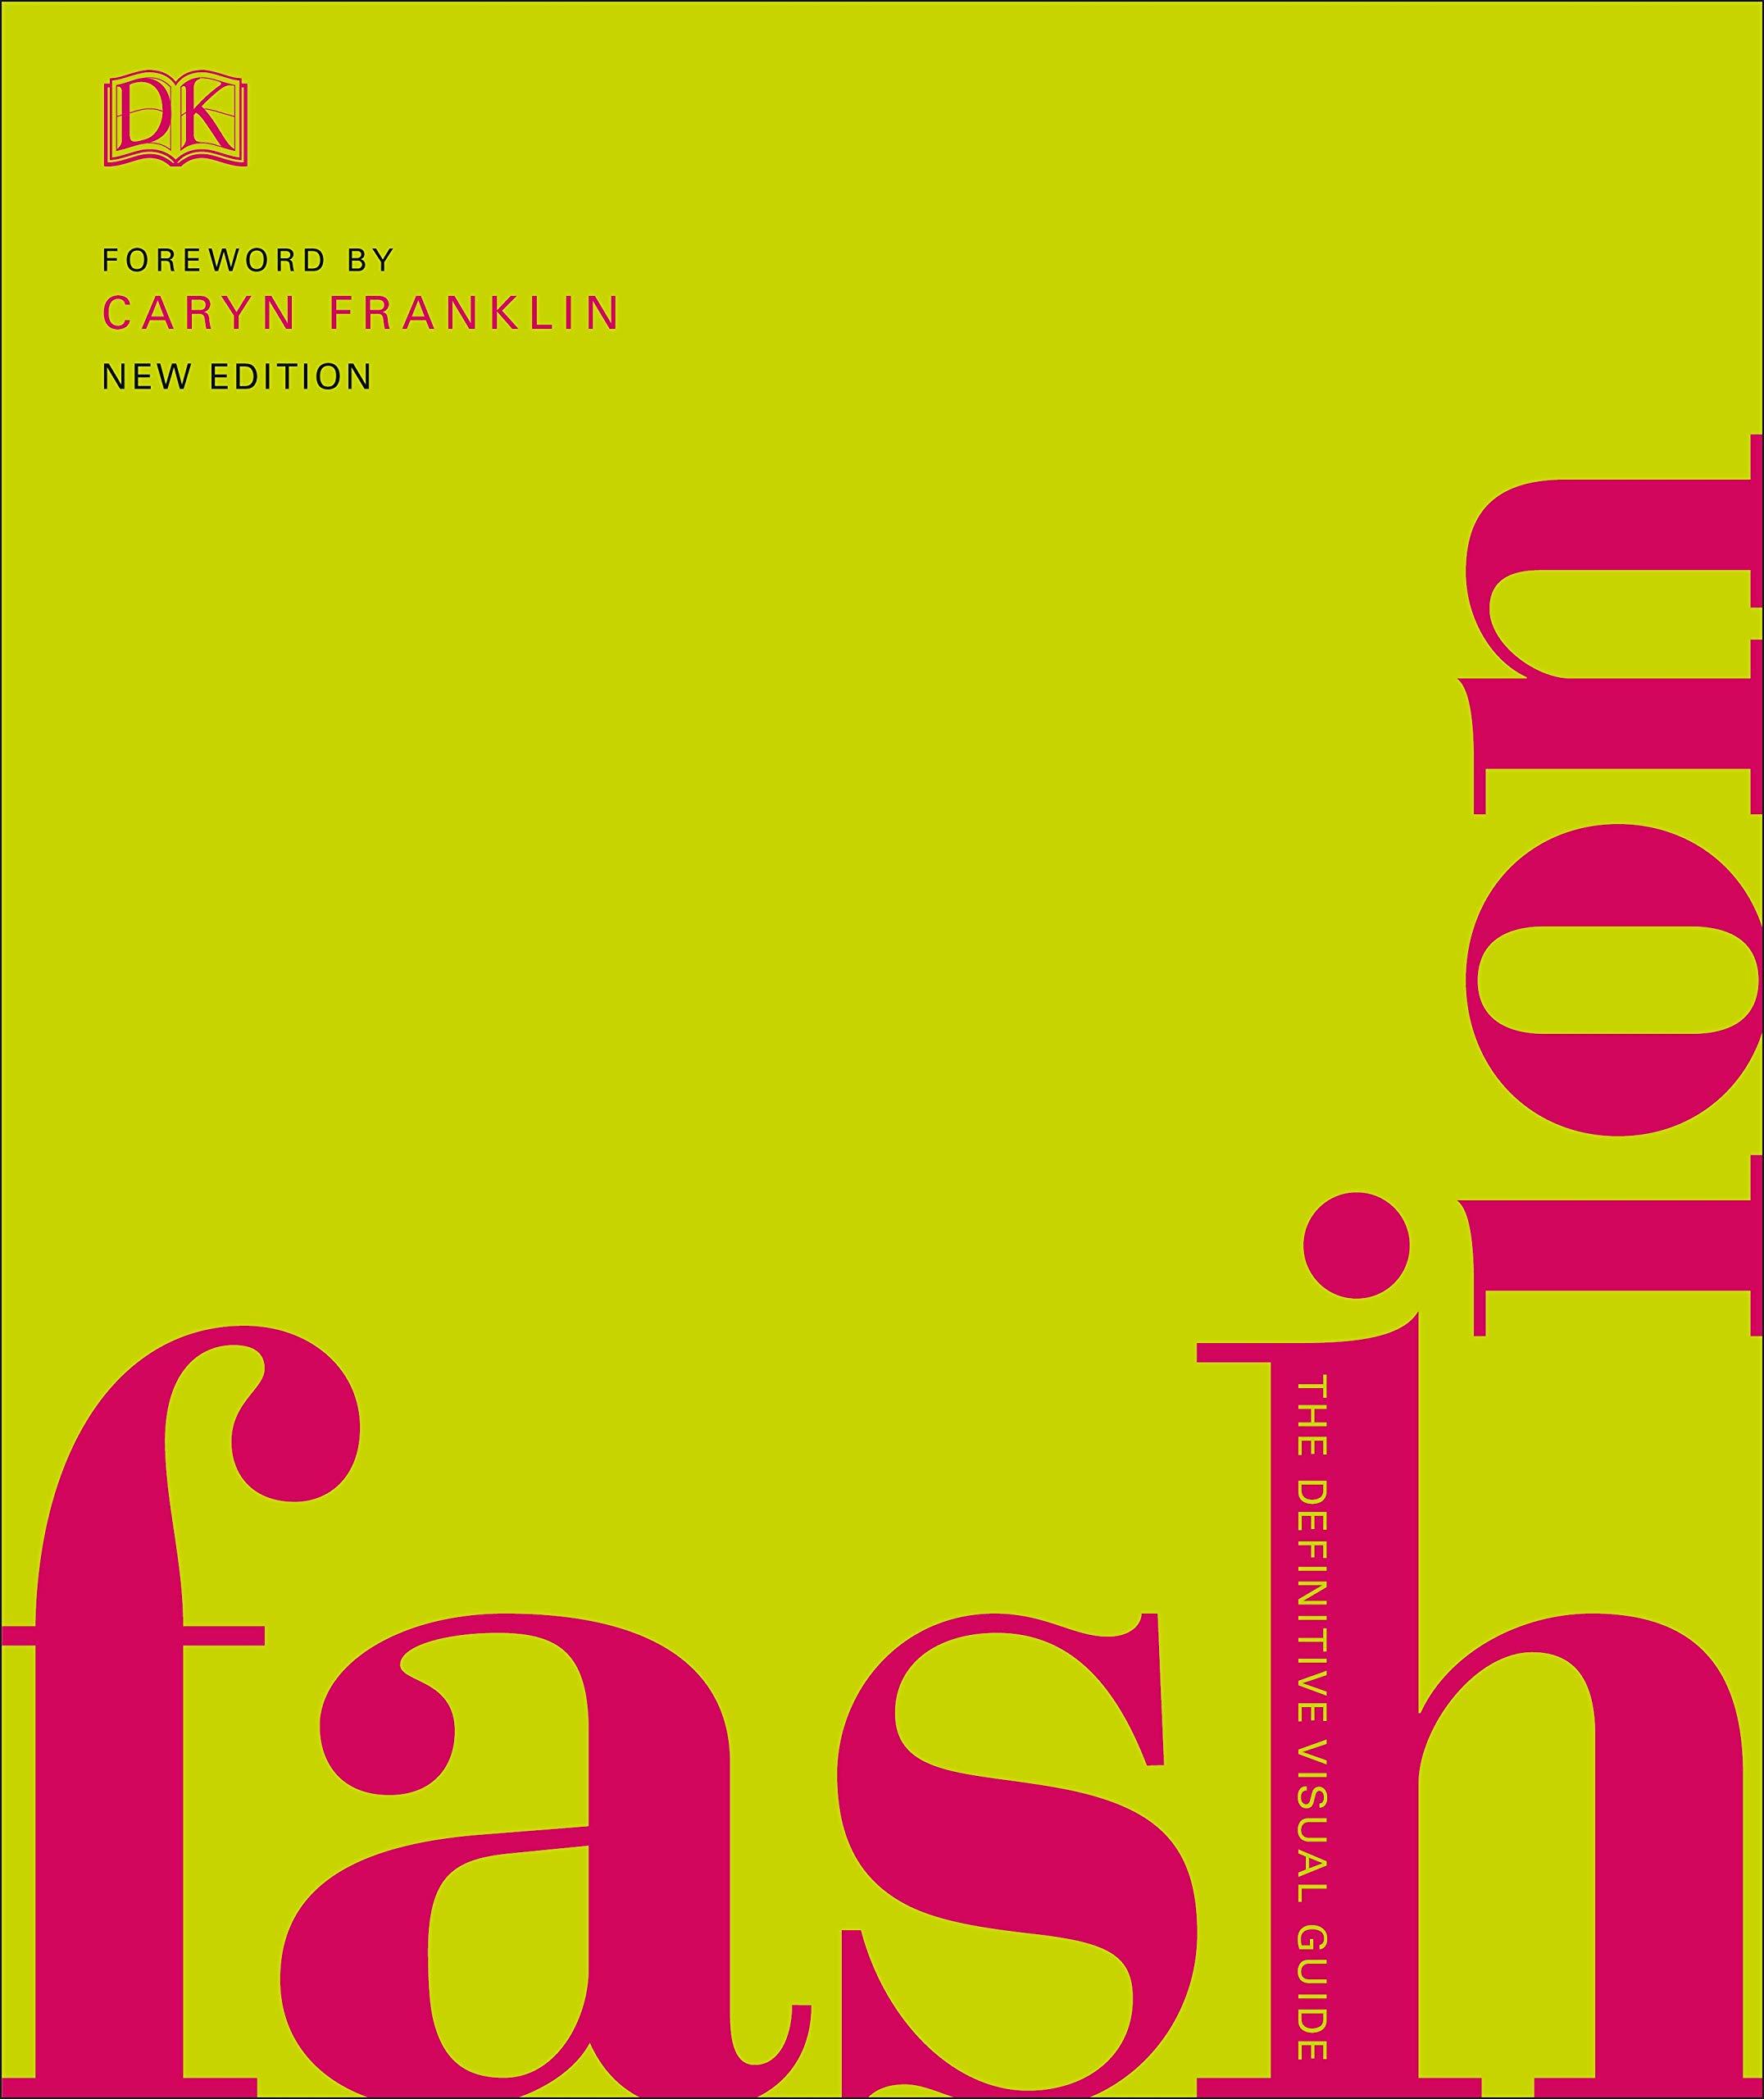 71FTaE+O7aL - Fashion: The Definitive Visual Guide